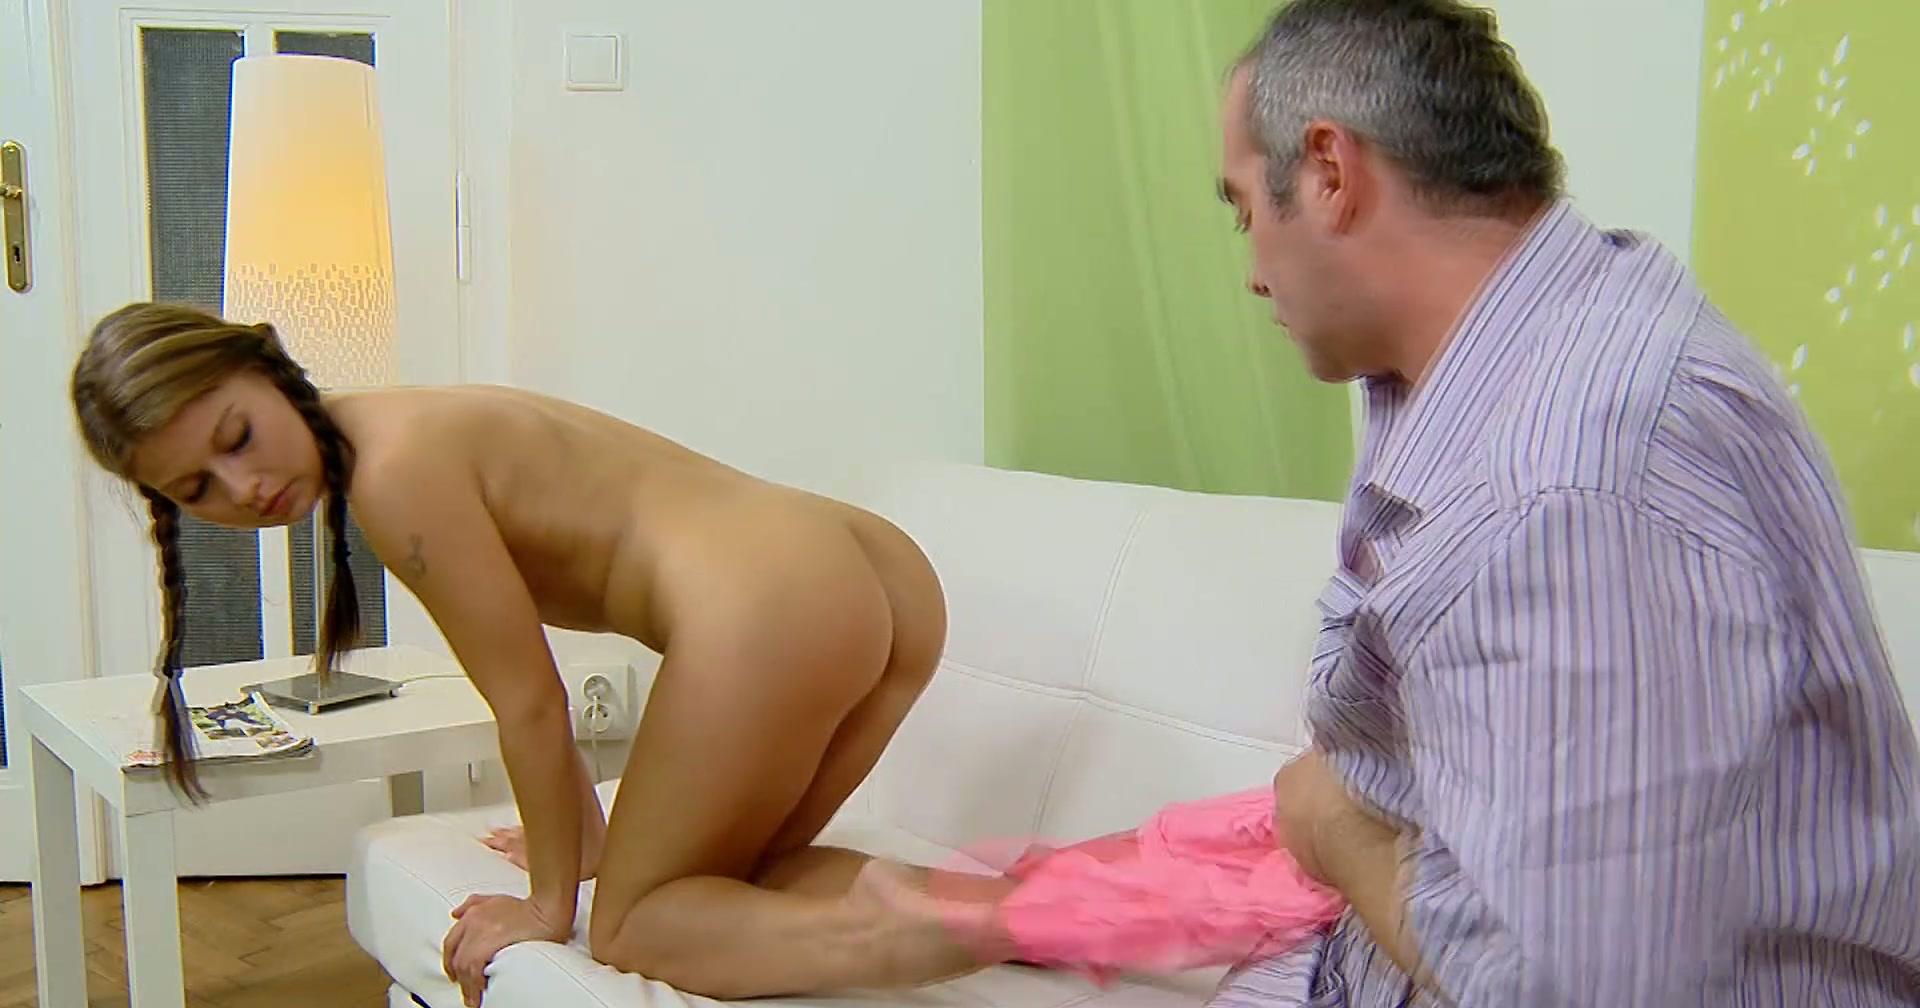 scene everhart sex